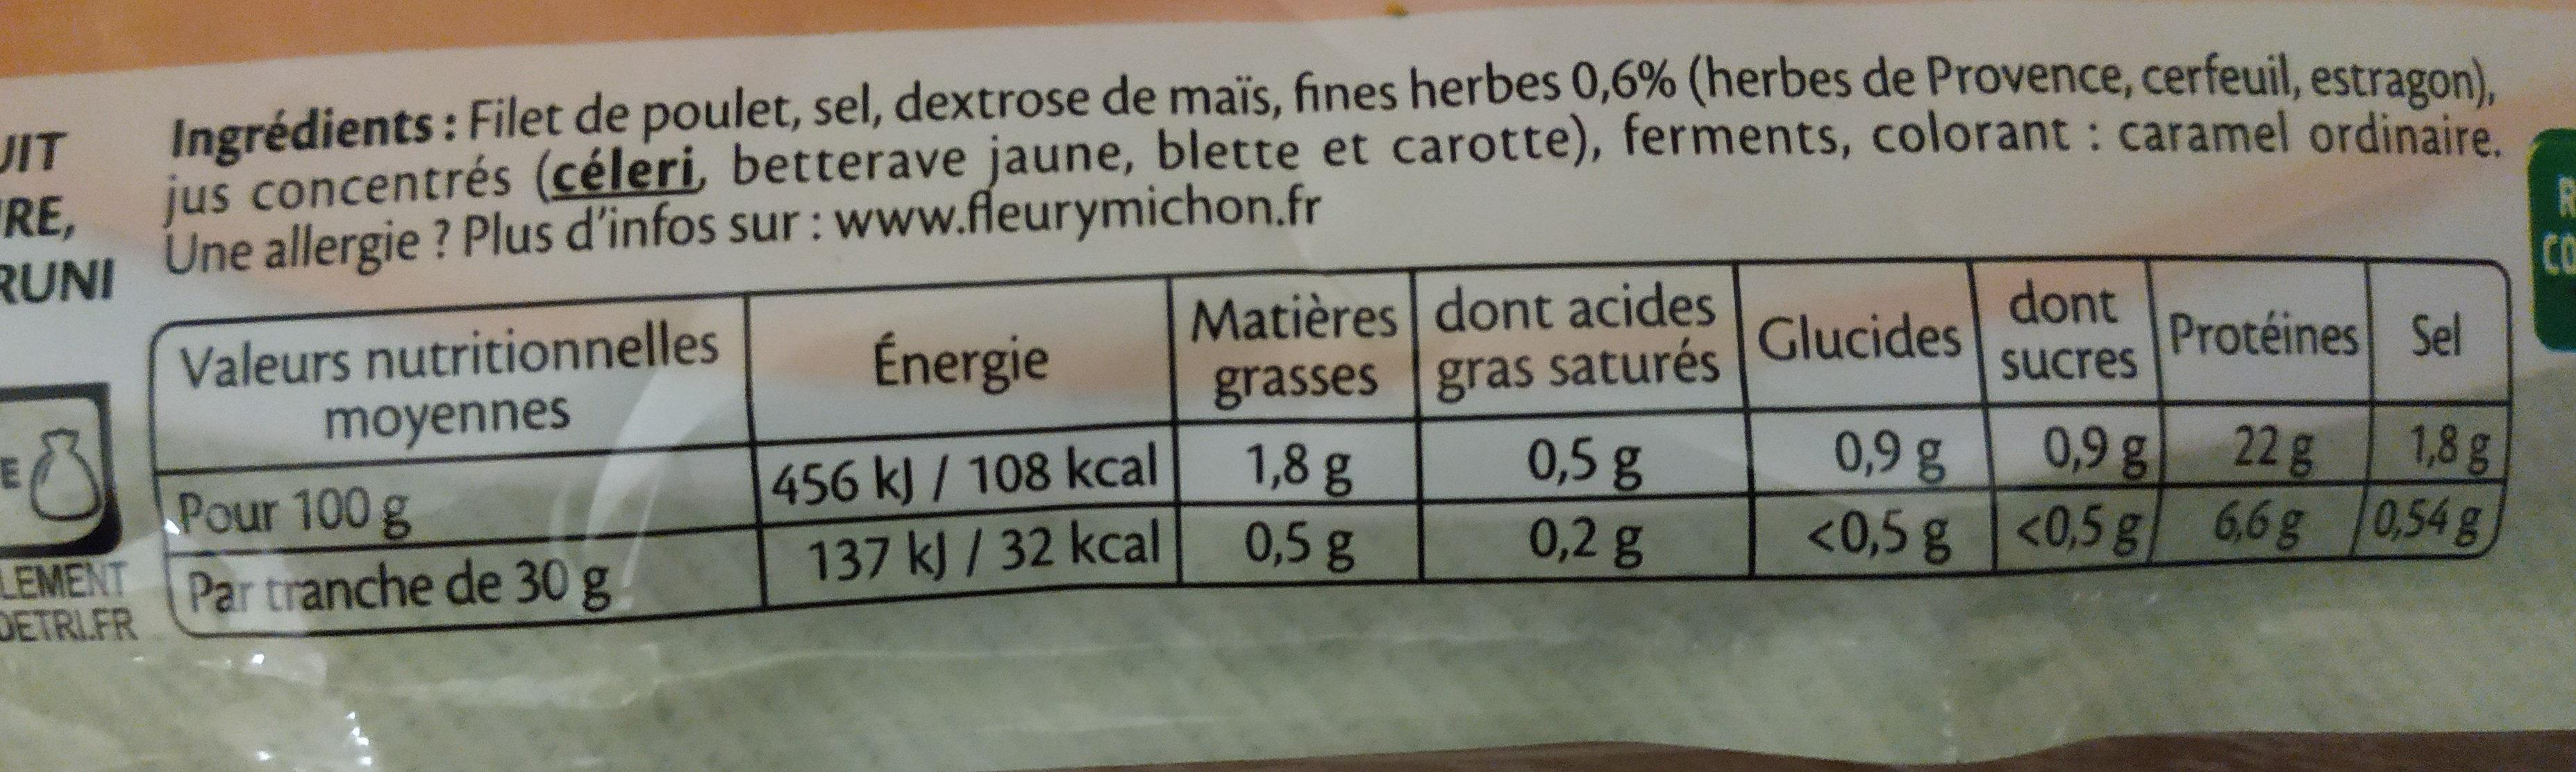 Blanc de poulet fines herbes Halal - 6 tranches fines - Informations nutritionnelles - fr